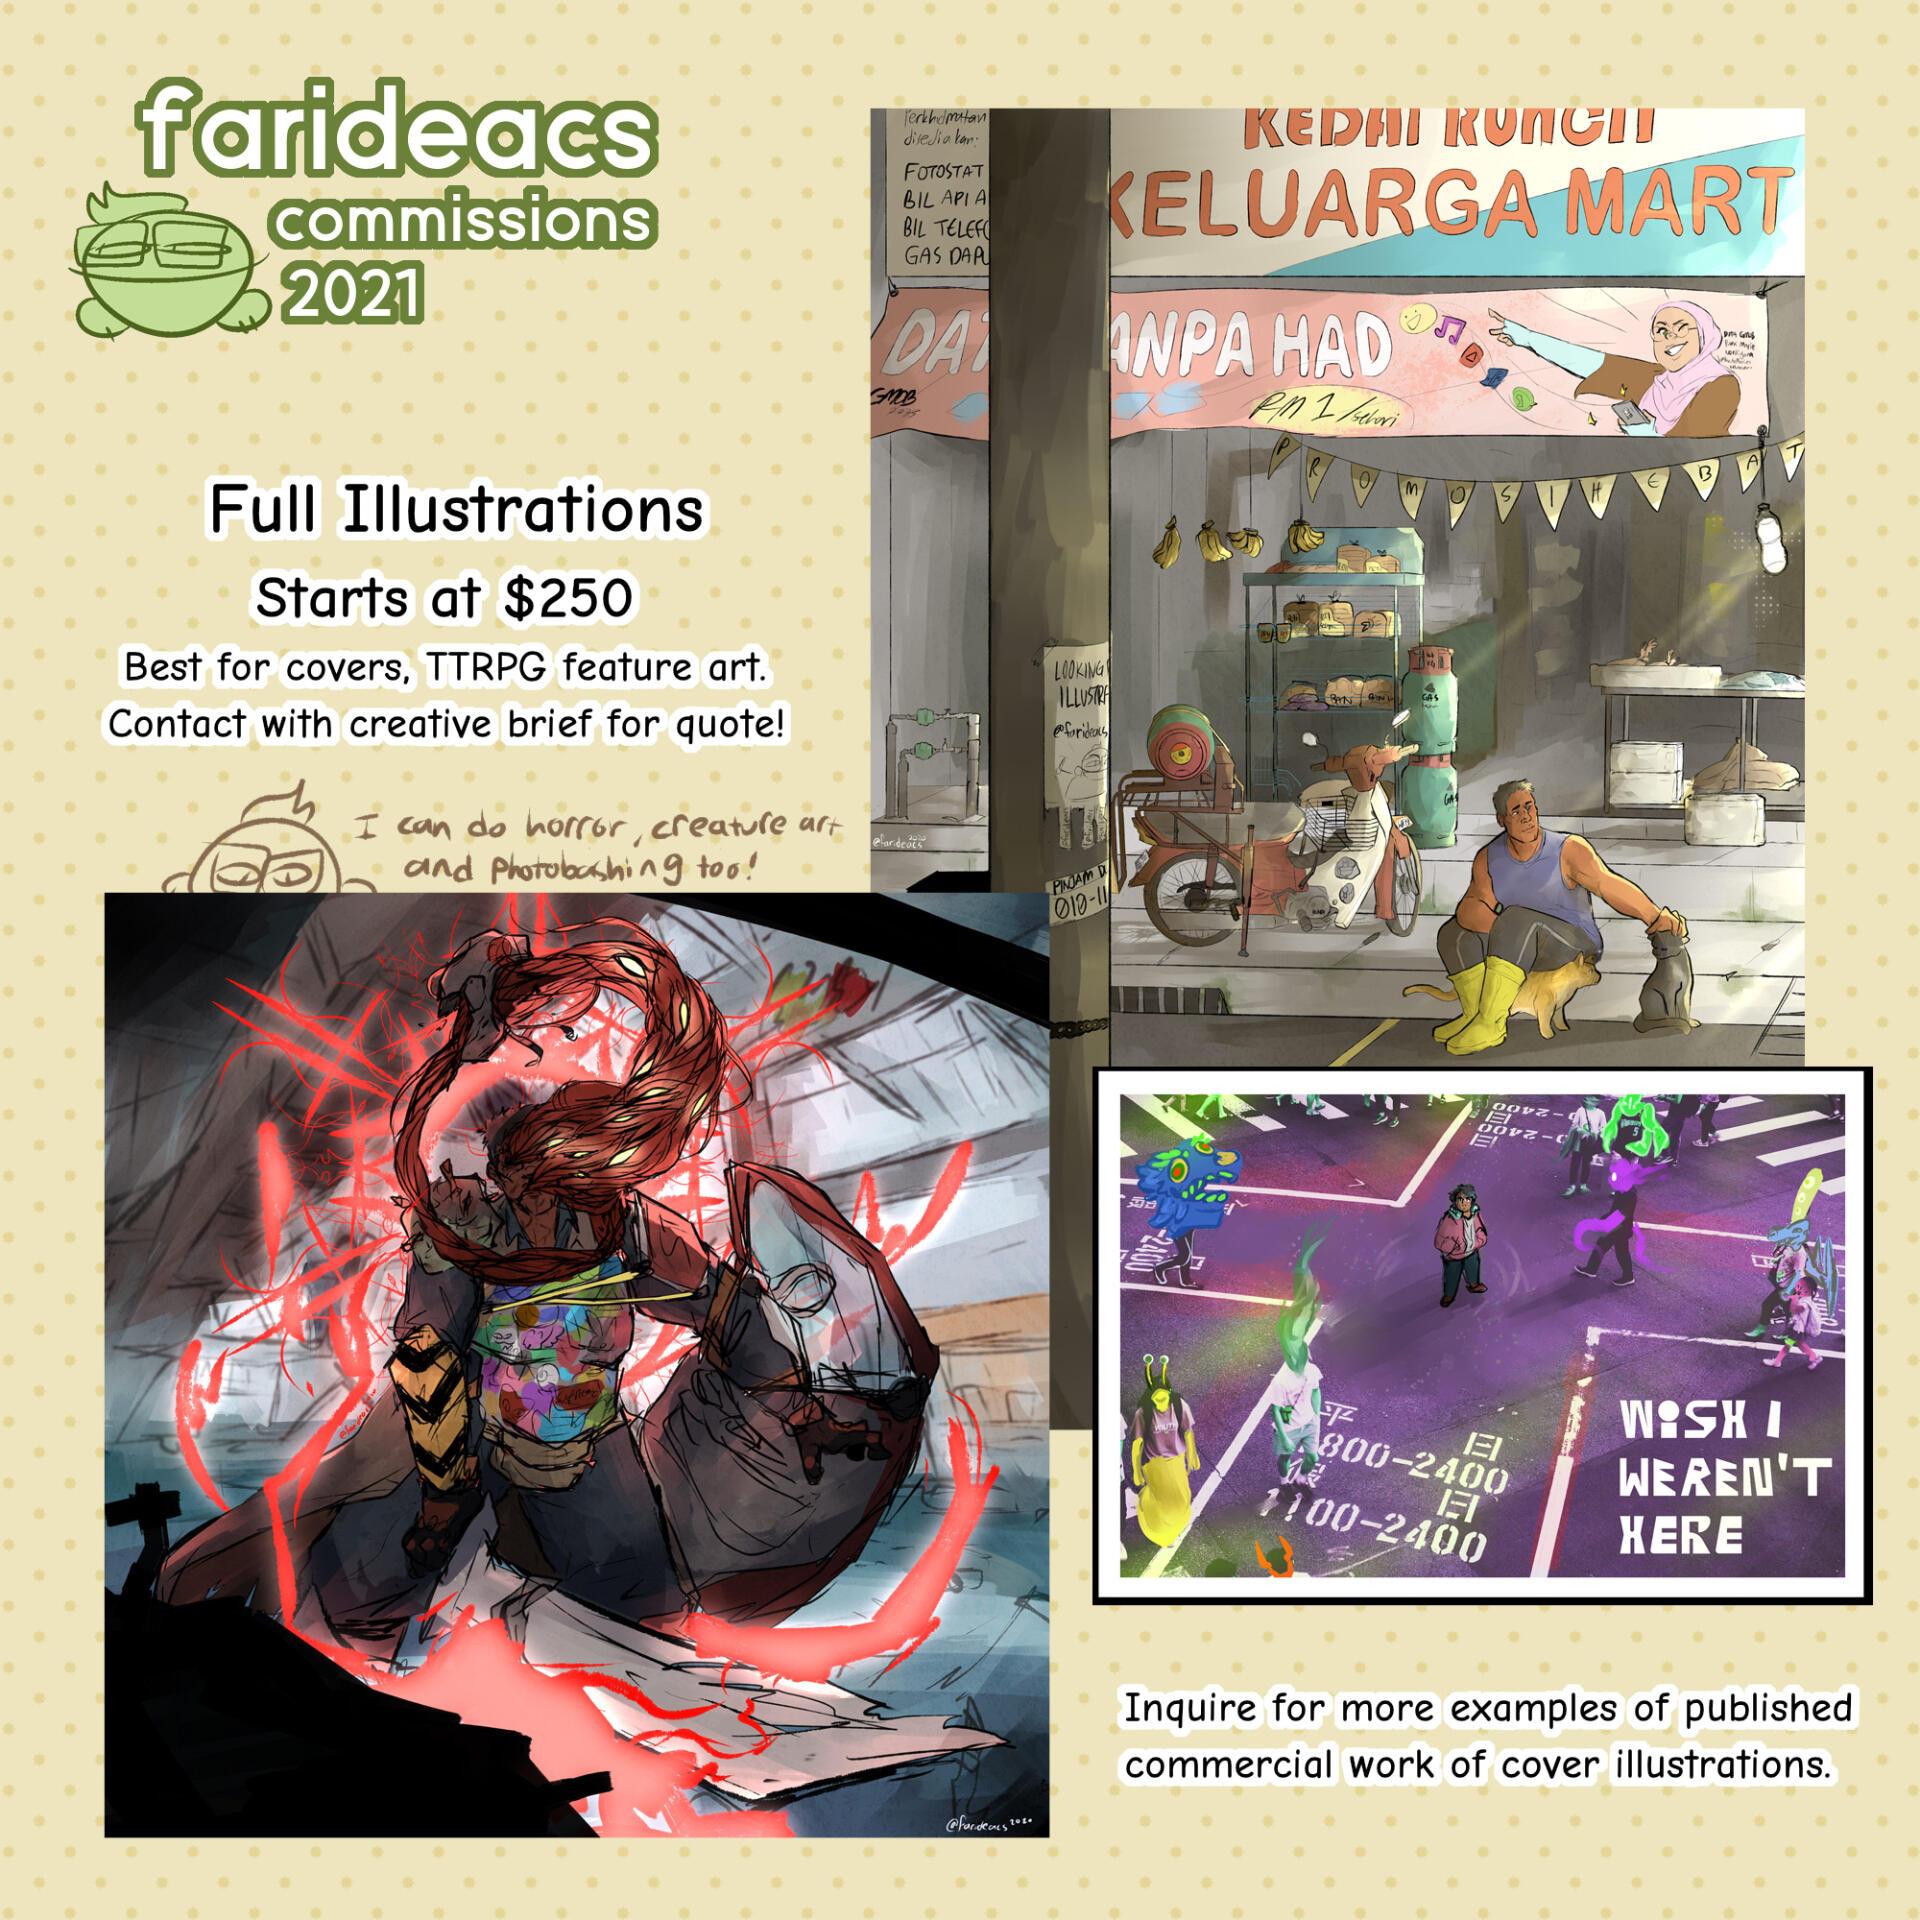 Farid's revenue streams include art commissions